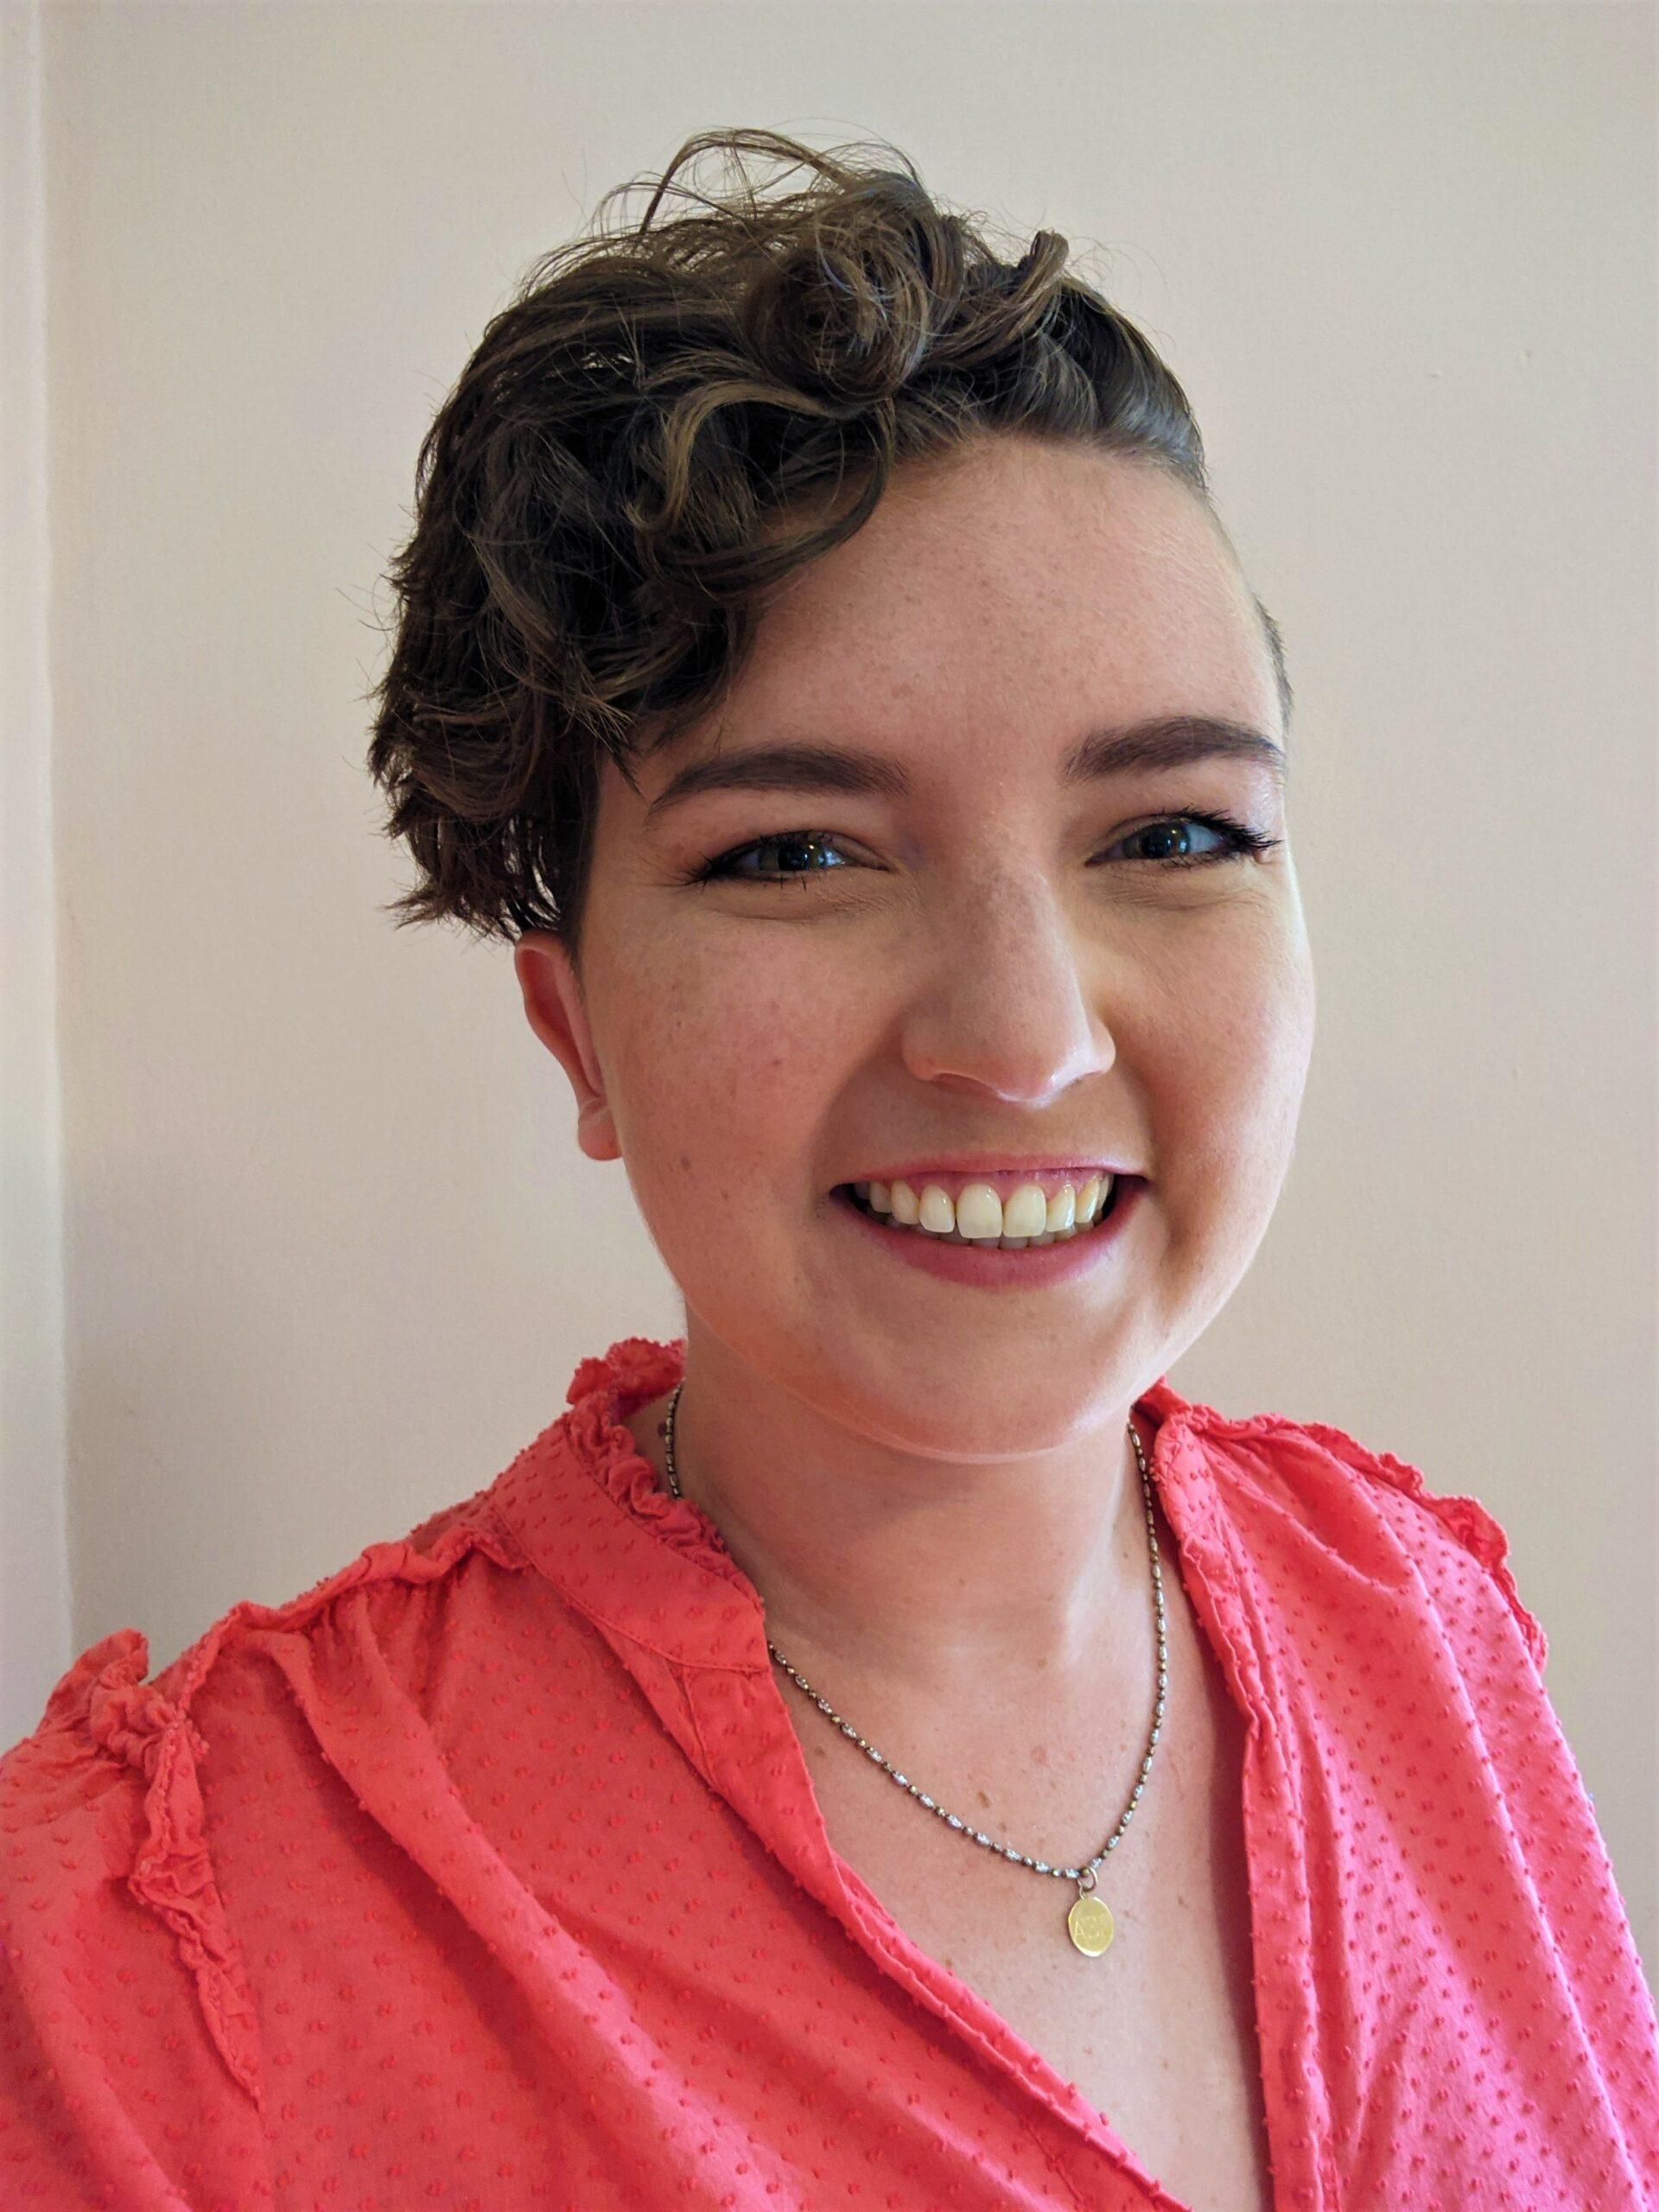 Adelaide Hurley